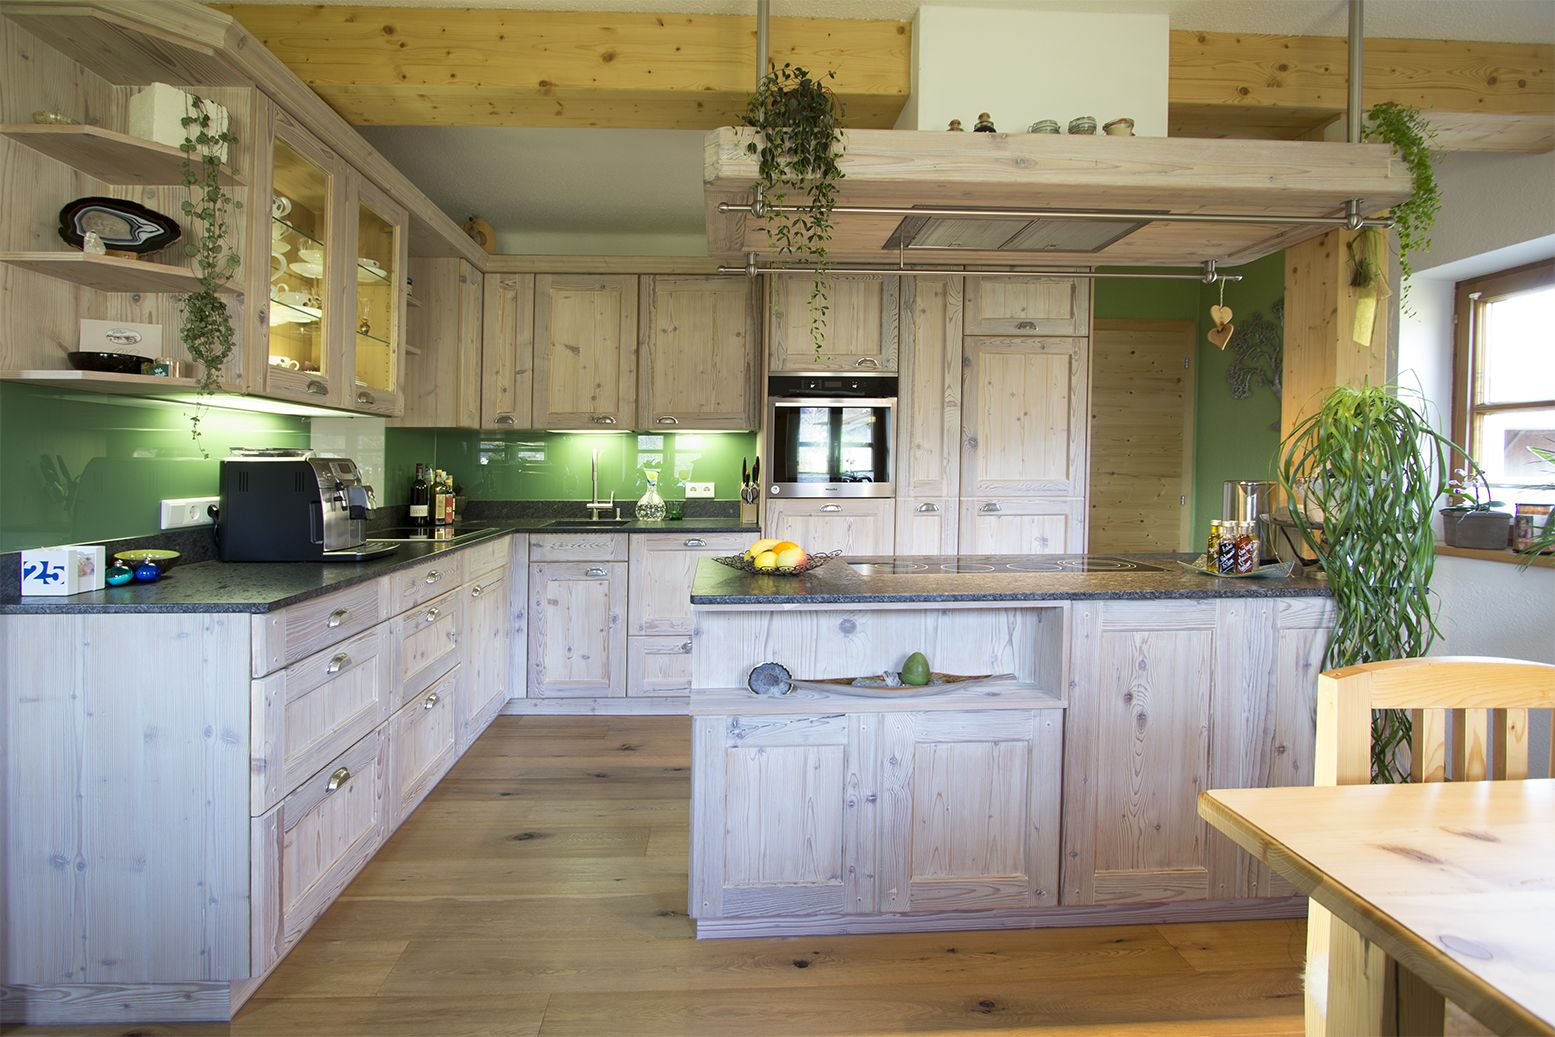 Landhausküche in Fichte Altholz weiß gekalkt. Mit grüner